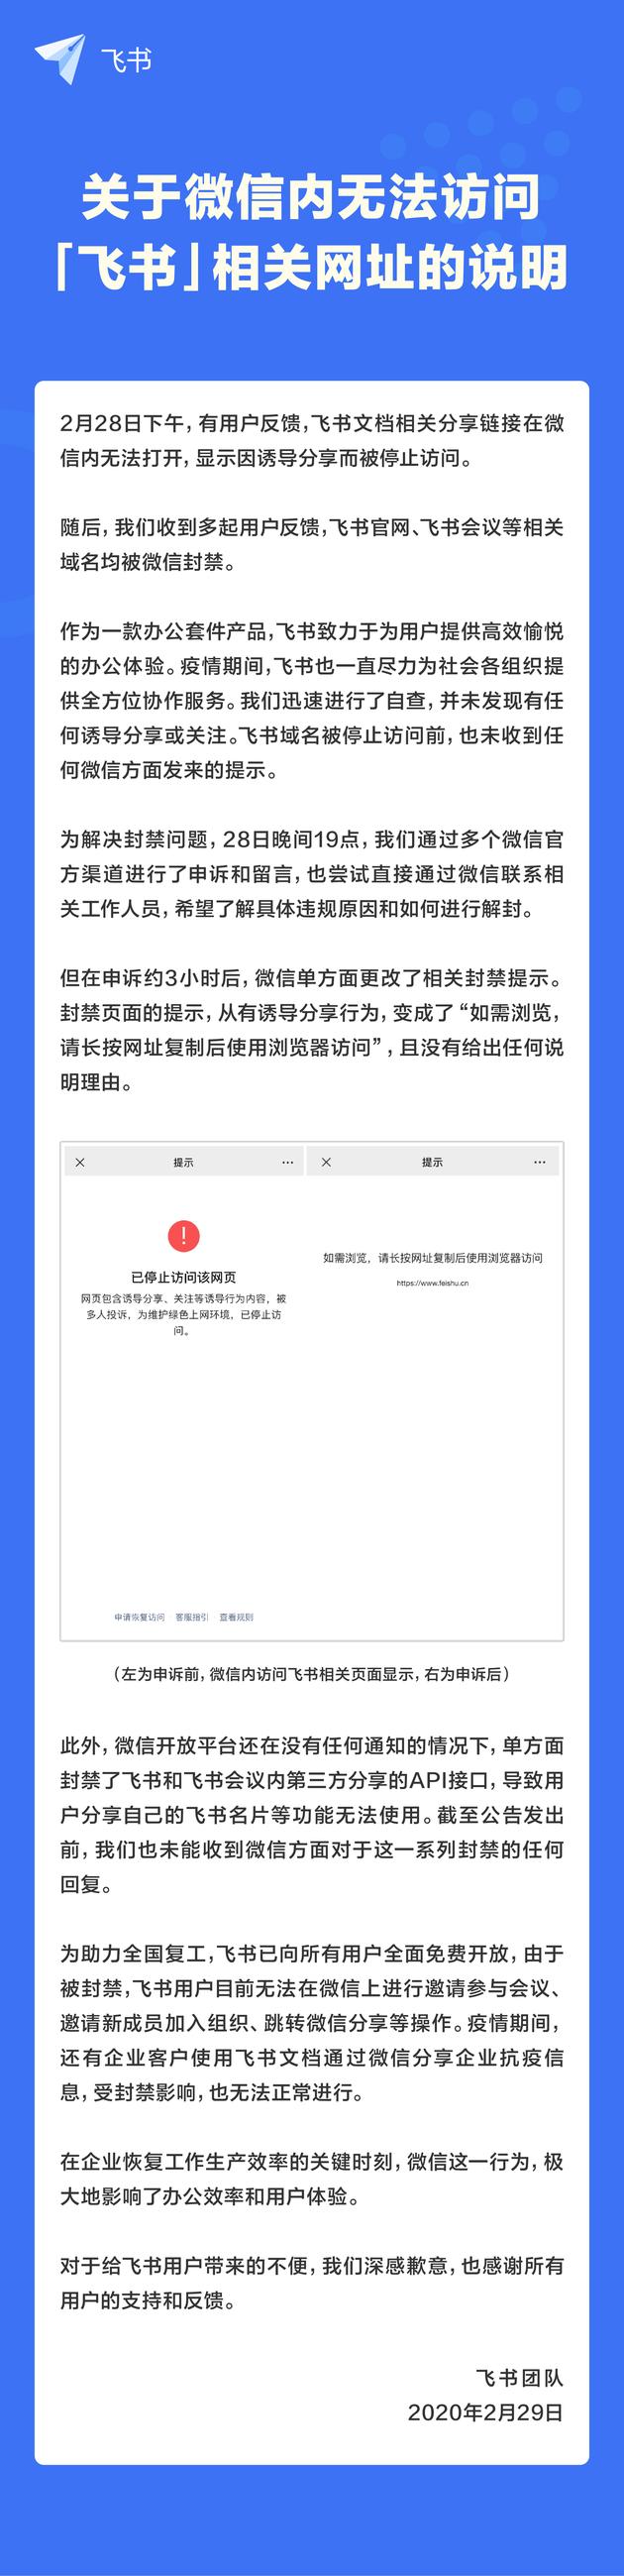 """微信封禁字节跳动飞书?目前""""feishu""""相关域名链接在微信内均无法打开"""